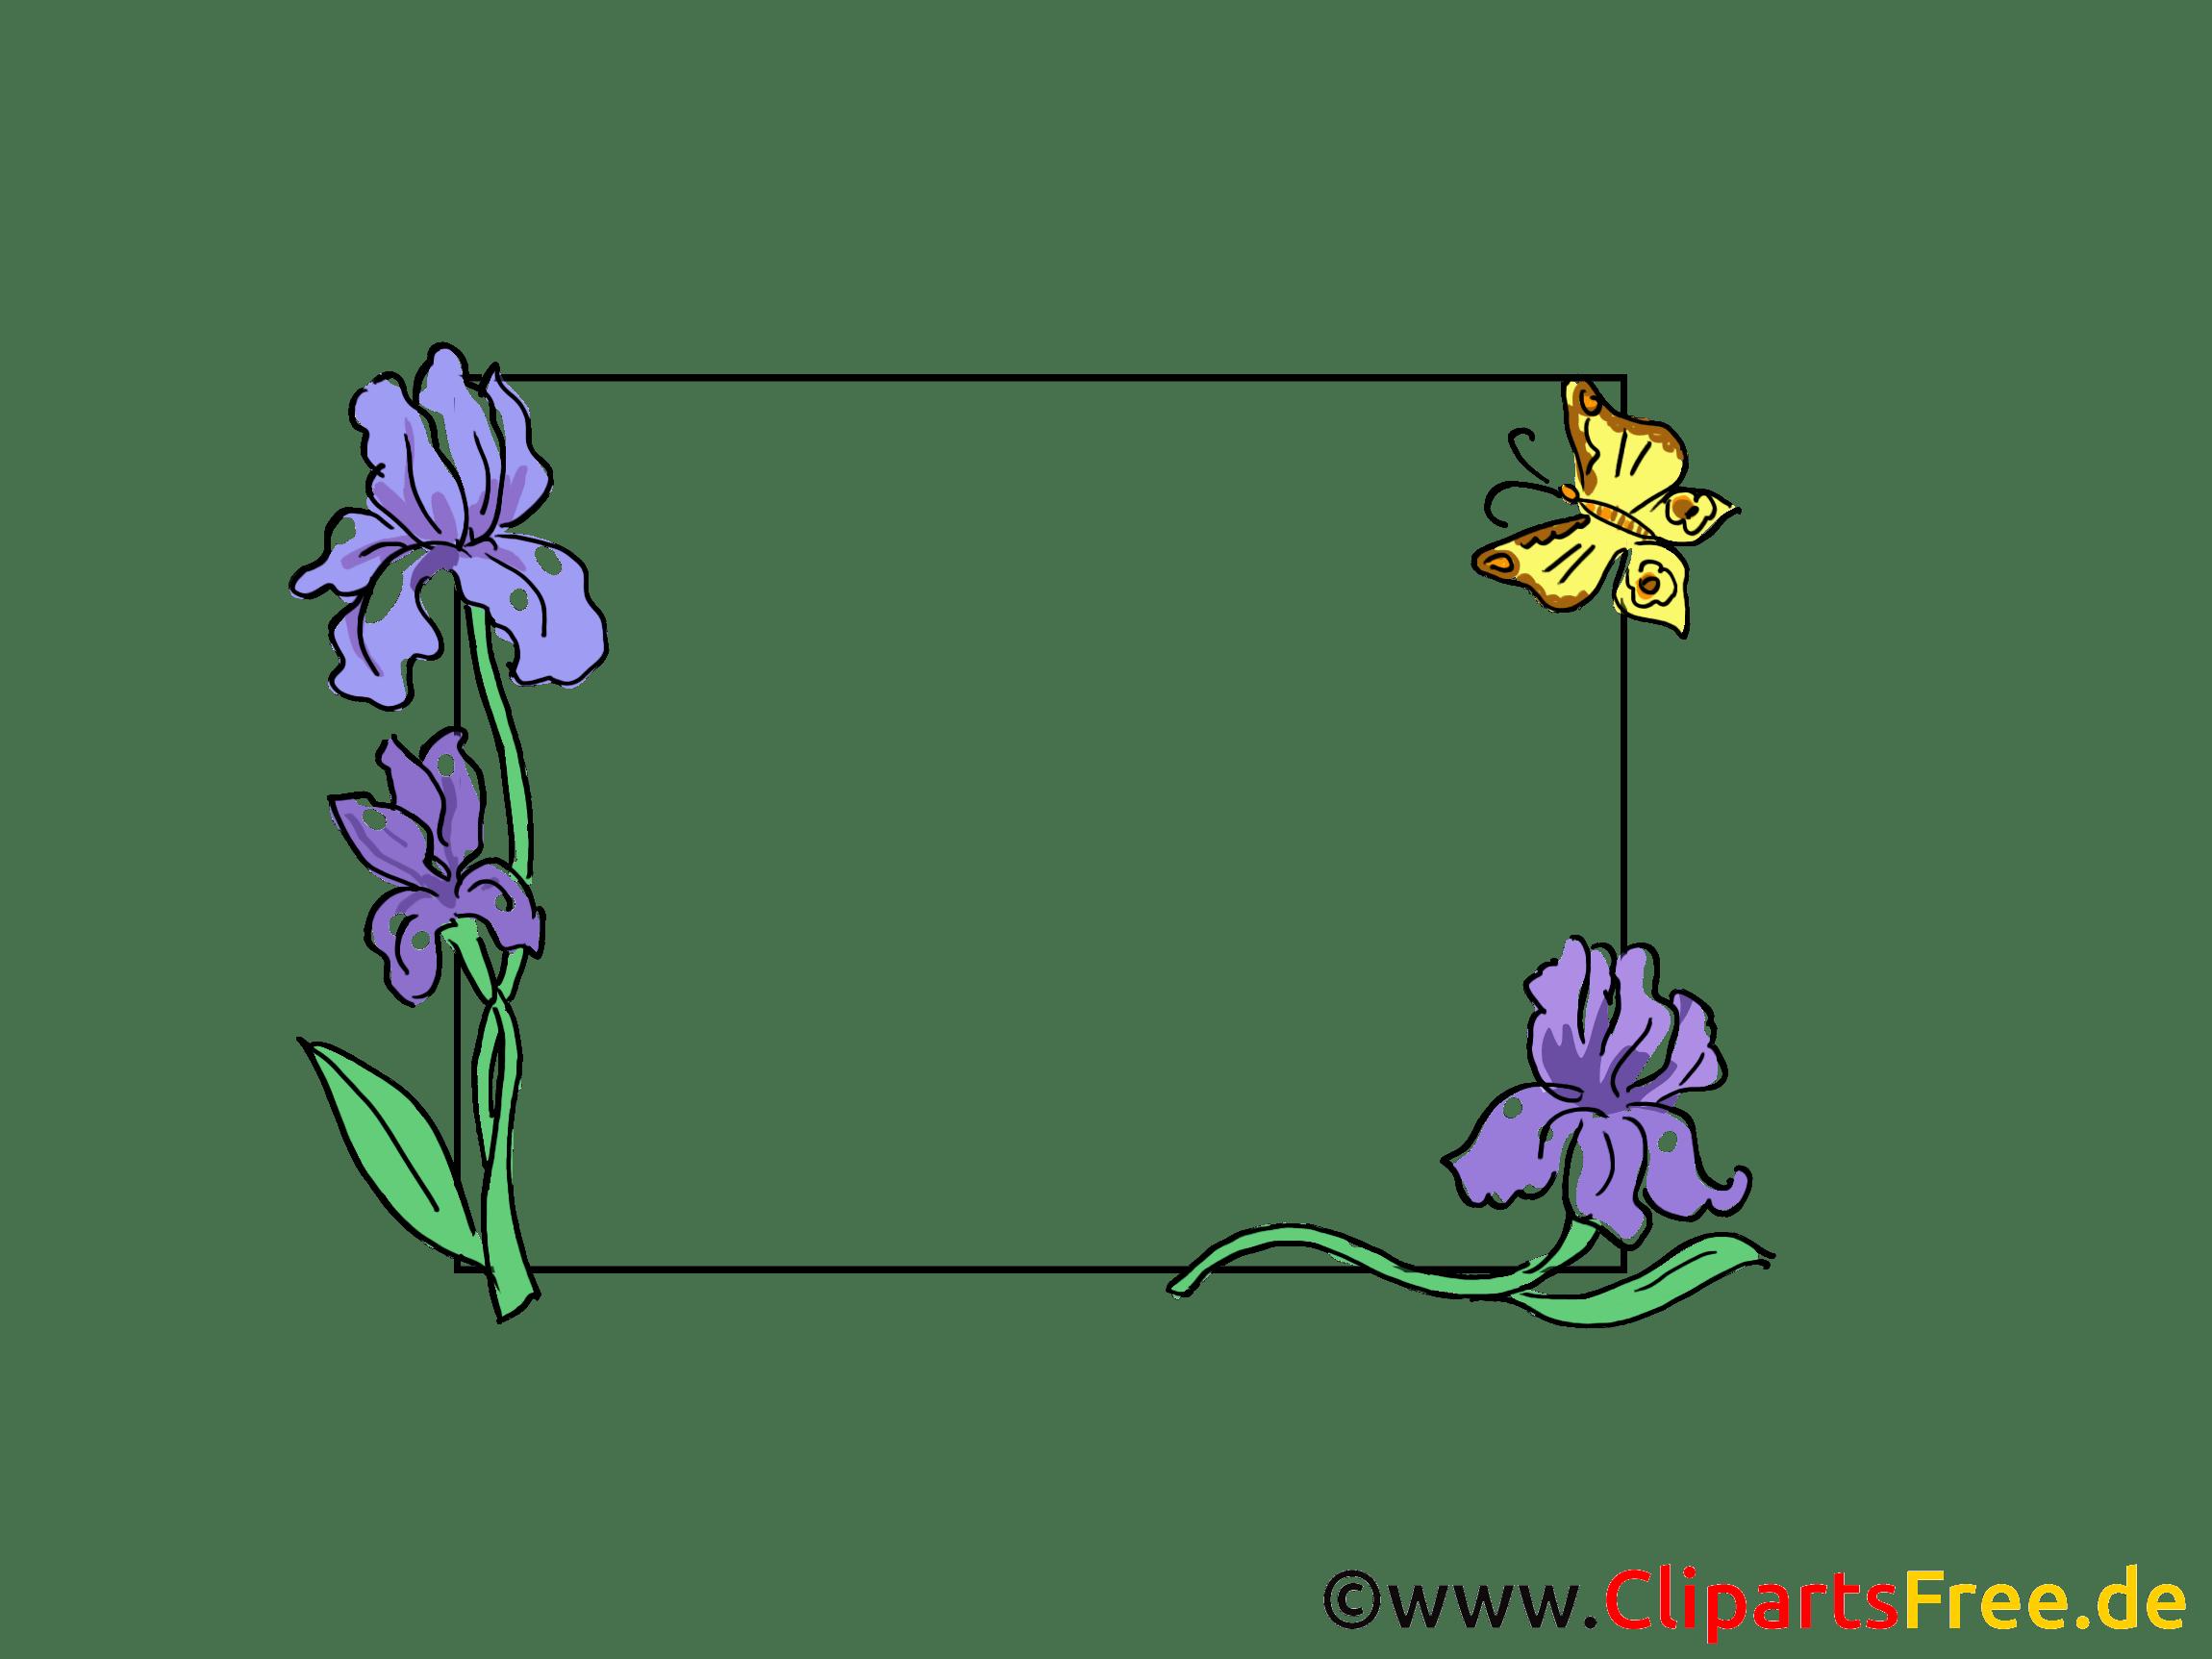 Blumenranke Ecke Clipart Ranke Zusammenfassung Blumen Stockfotos